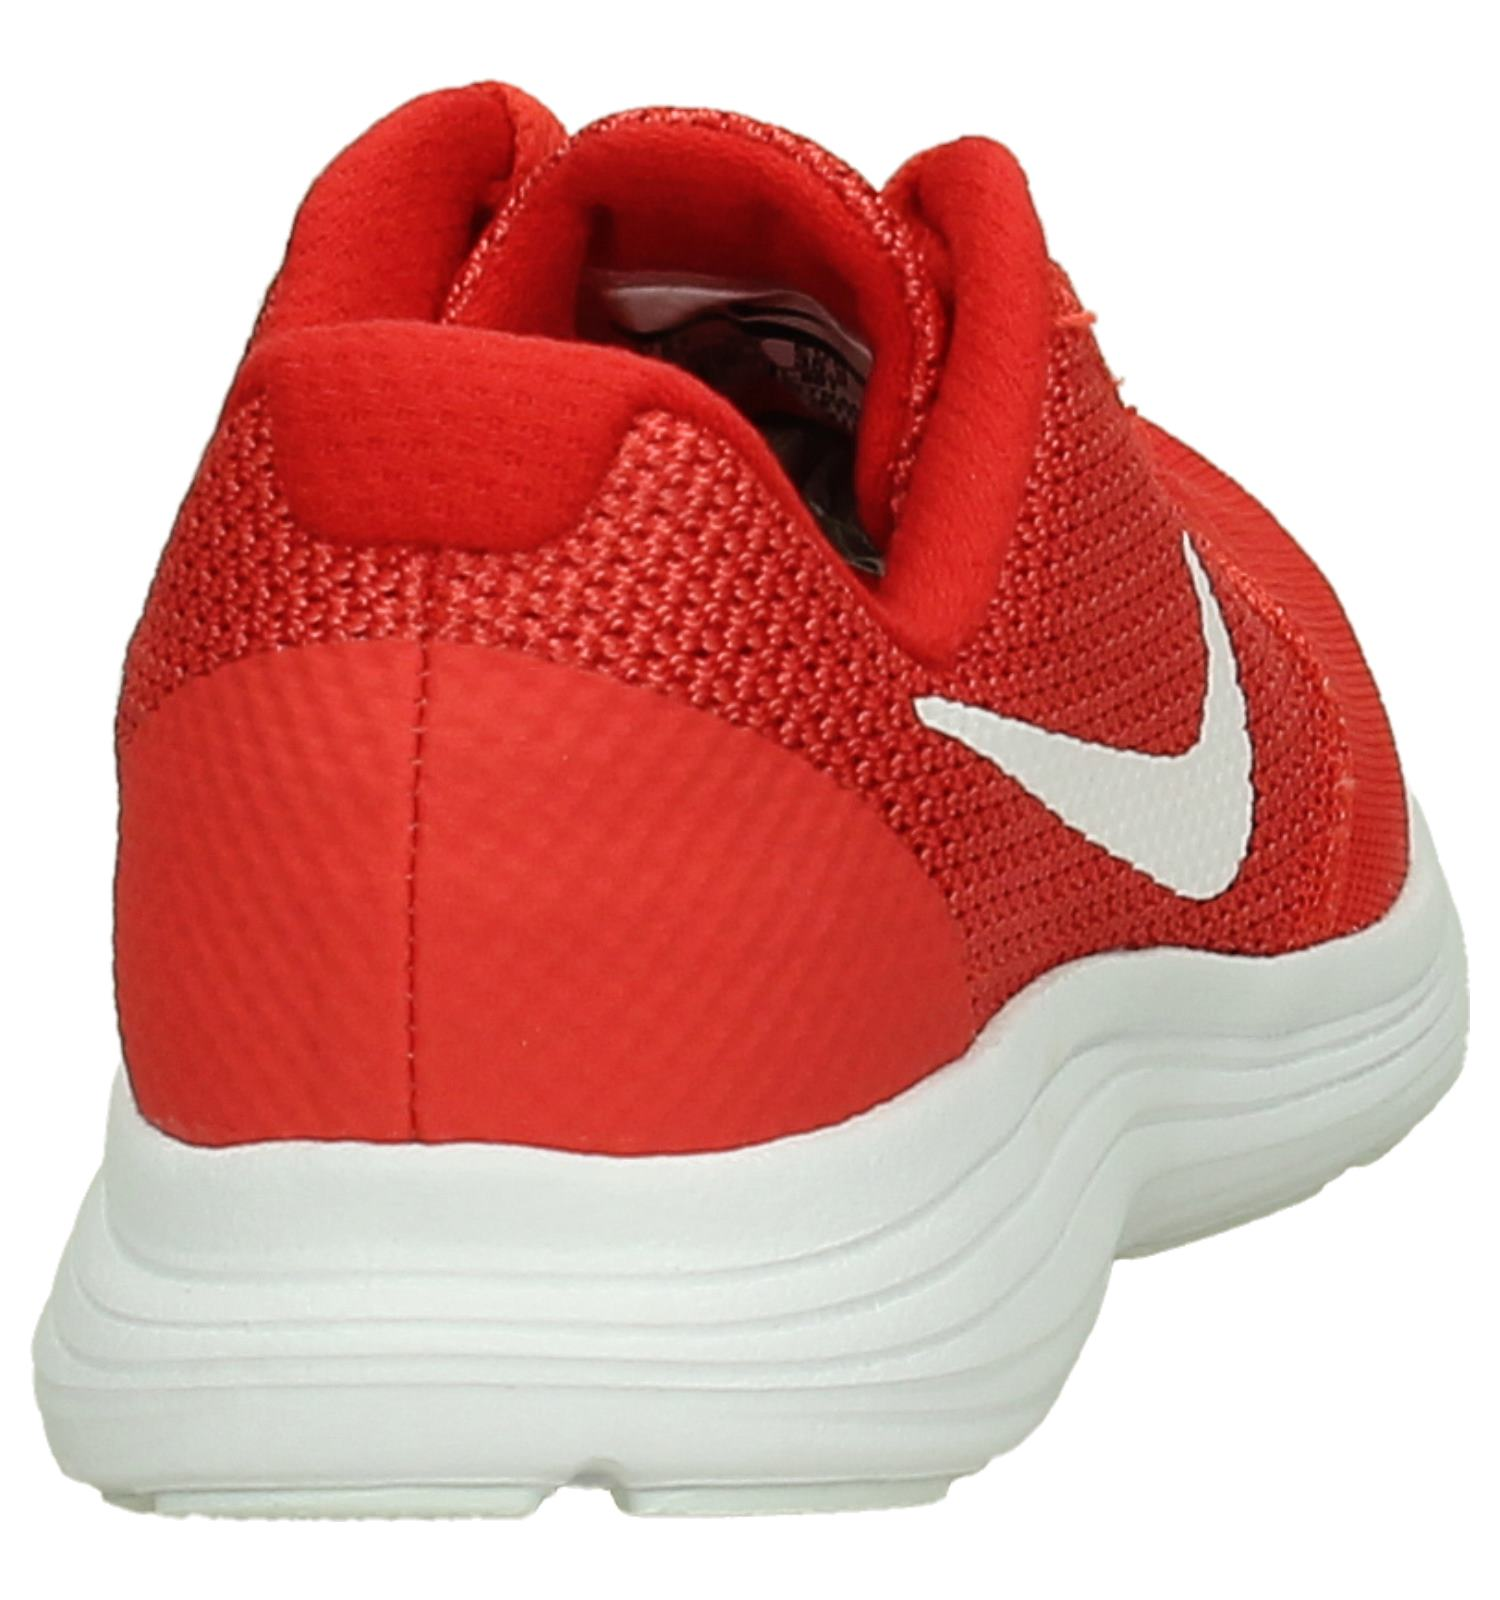 online store 82c99 86c67 Rode Nike Revolution Sneaker  TORFS.BE  Gratis verzend en re